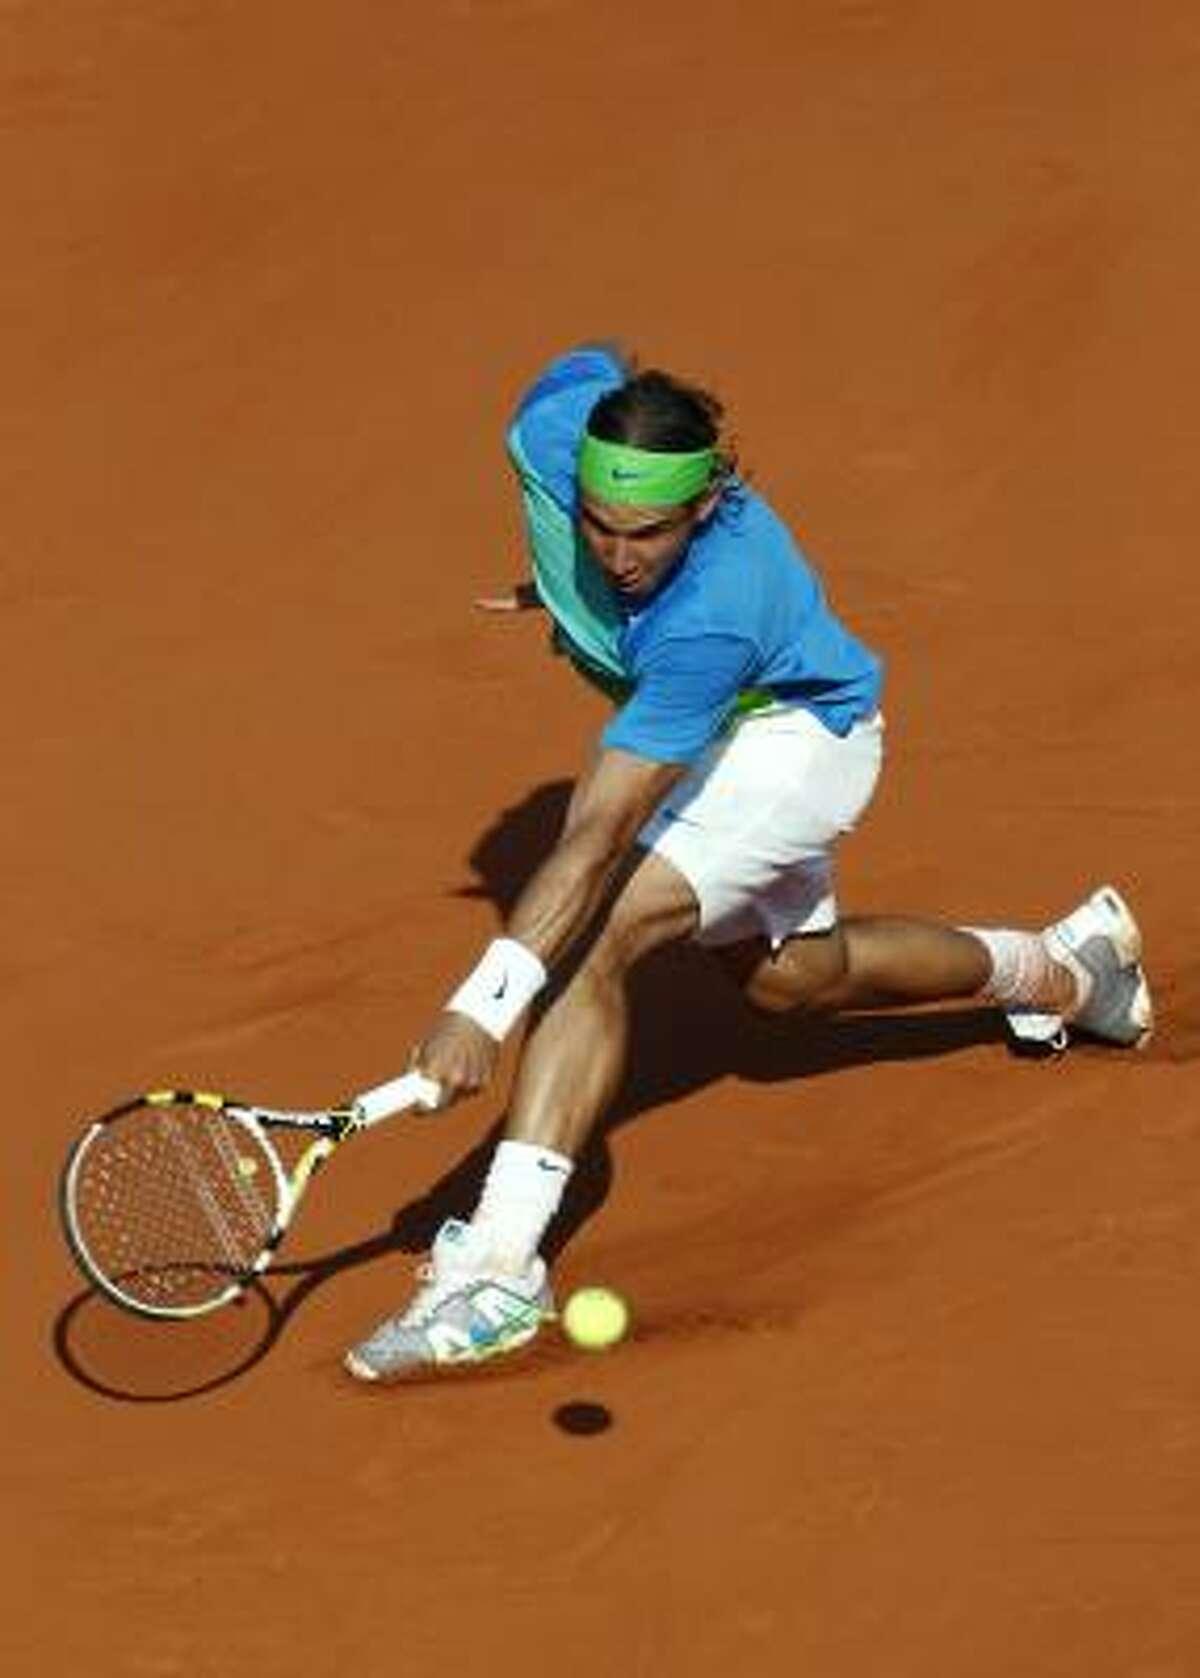 Spain's Rafael Nadal returns the ball to Jurgen Melzer.